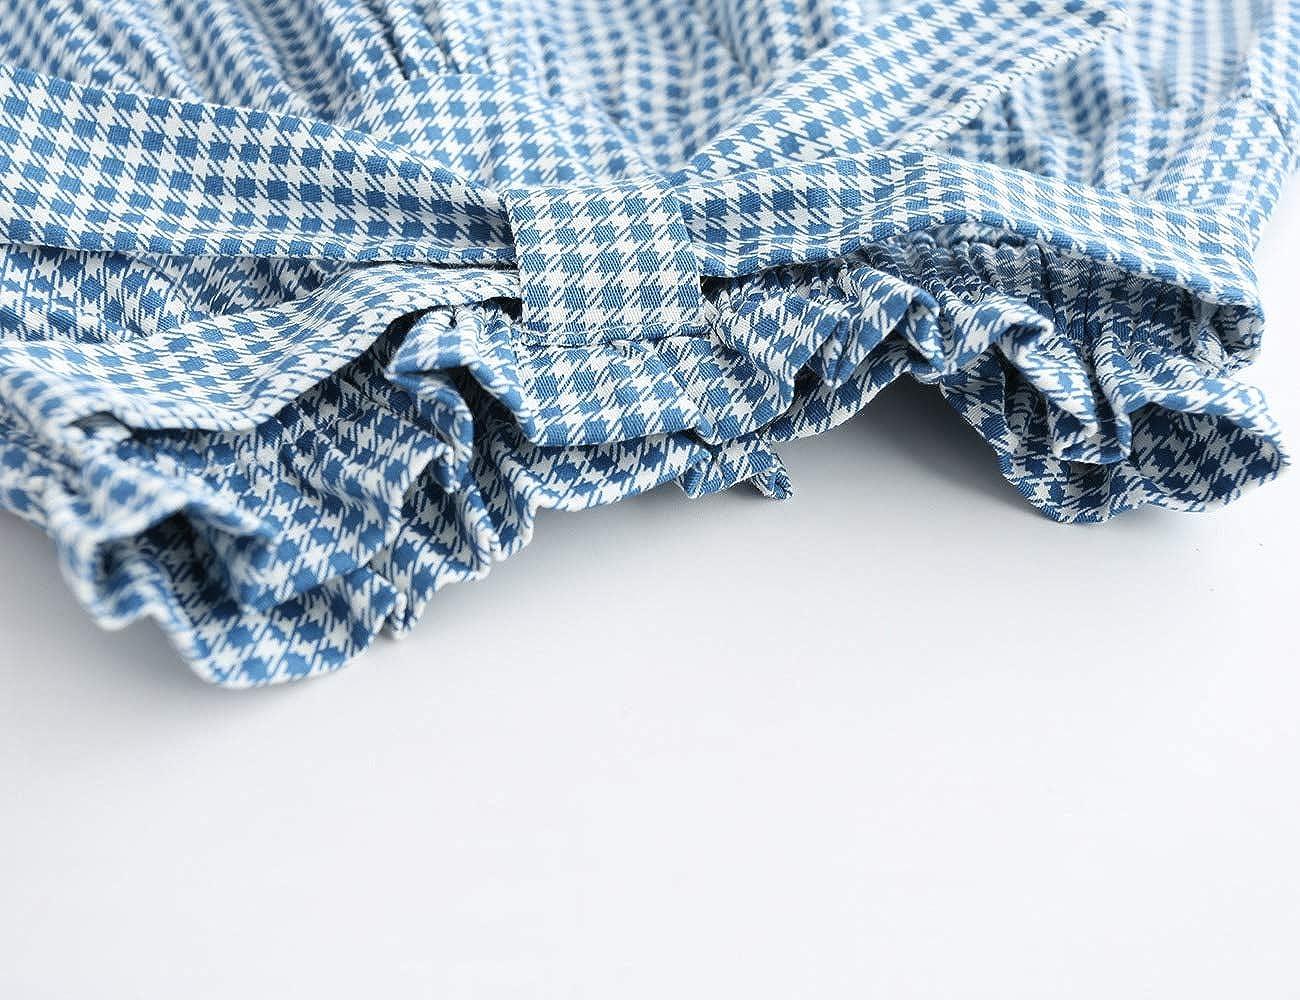 Kleinkind Kinder M/ädchen Sommer Kleidung Baby M/ädchen Outfits M/ädchen Muster Shirt Top Grid Shorts Set Kleidung f/ür 3-8 Jahre